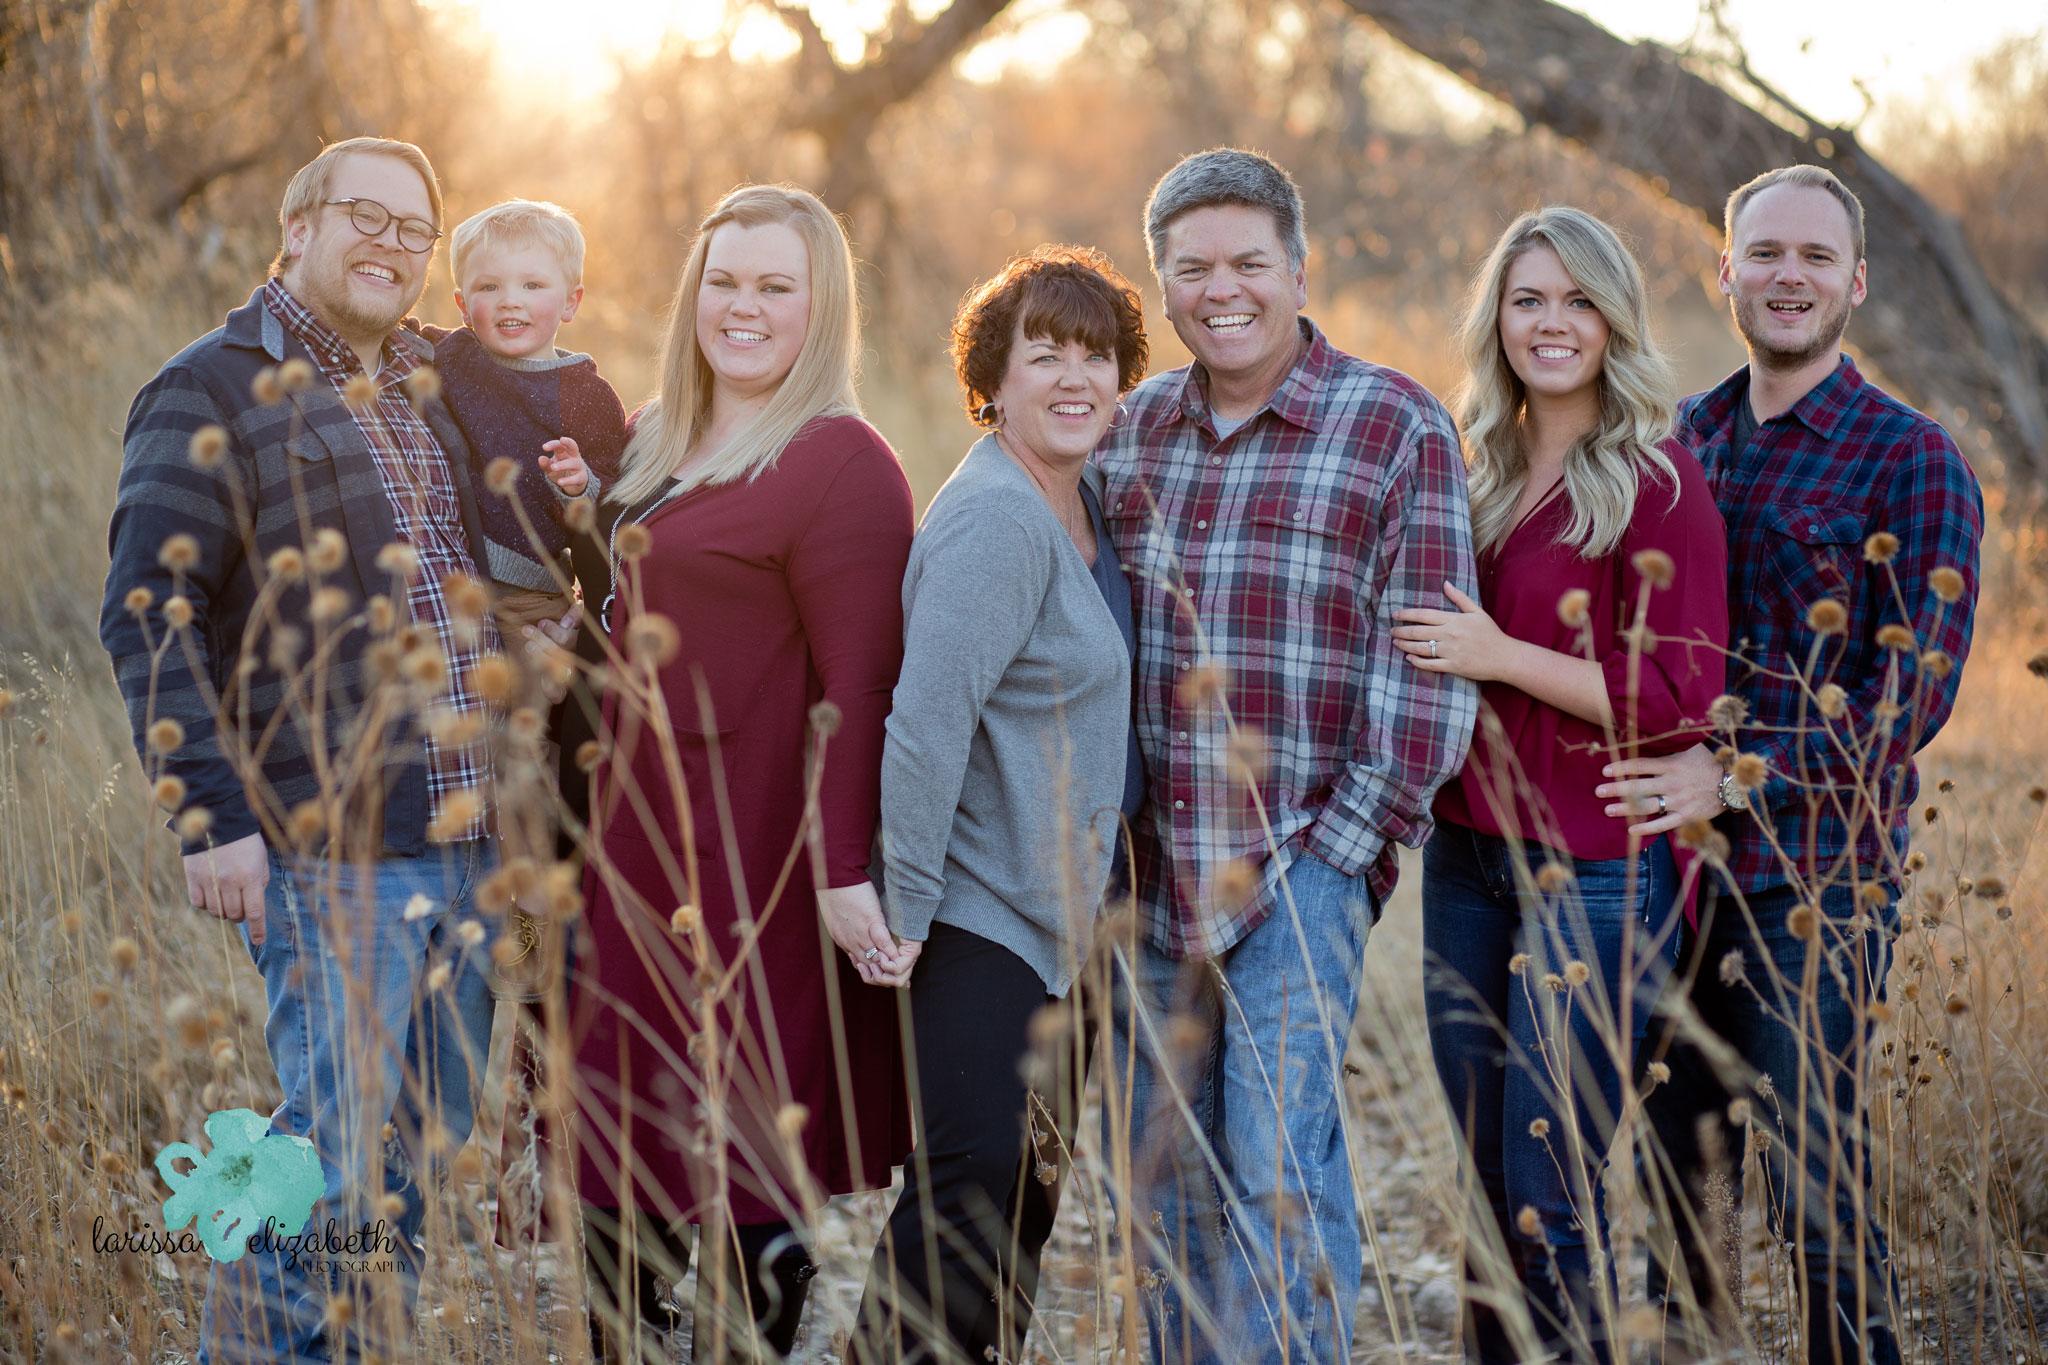 Loveland-family-photographe